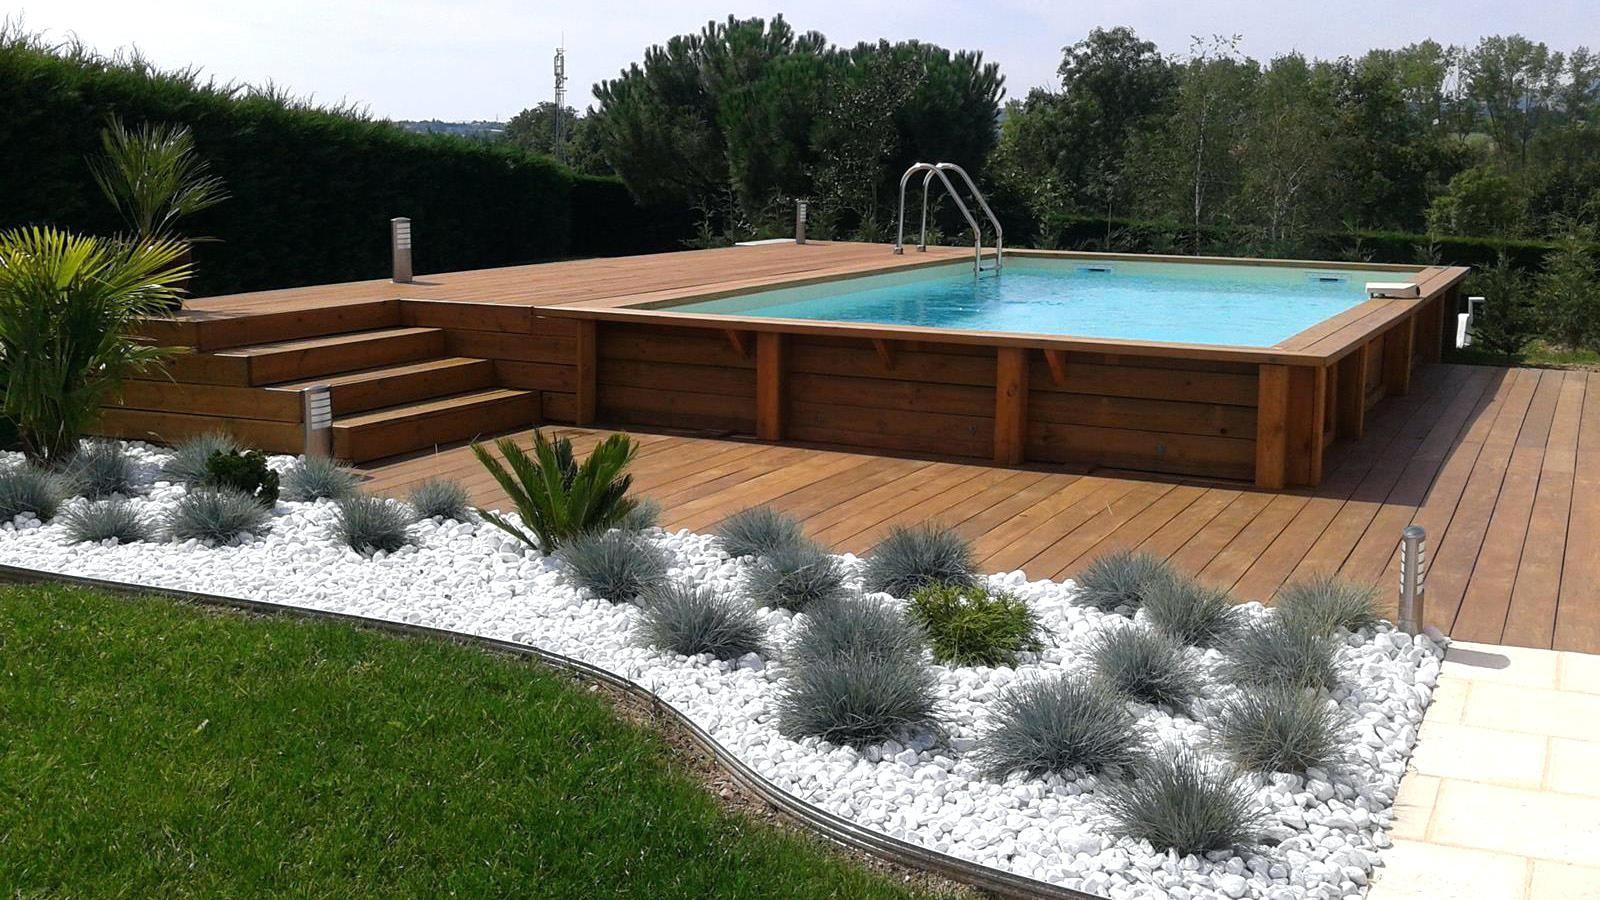 Terrasse Bois Piscine Hors Sol Et Enterrace Exemple Chantier ... à Piscine Hors Sol Composite